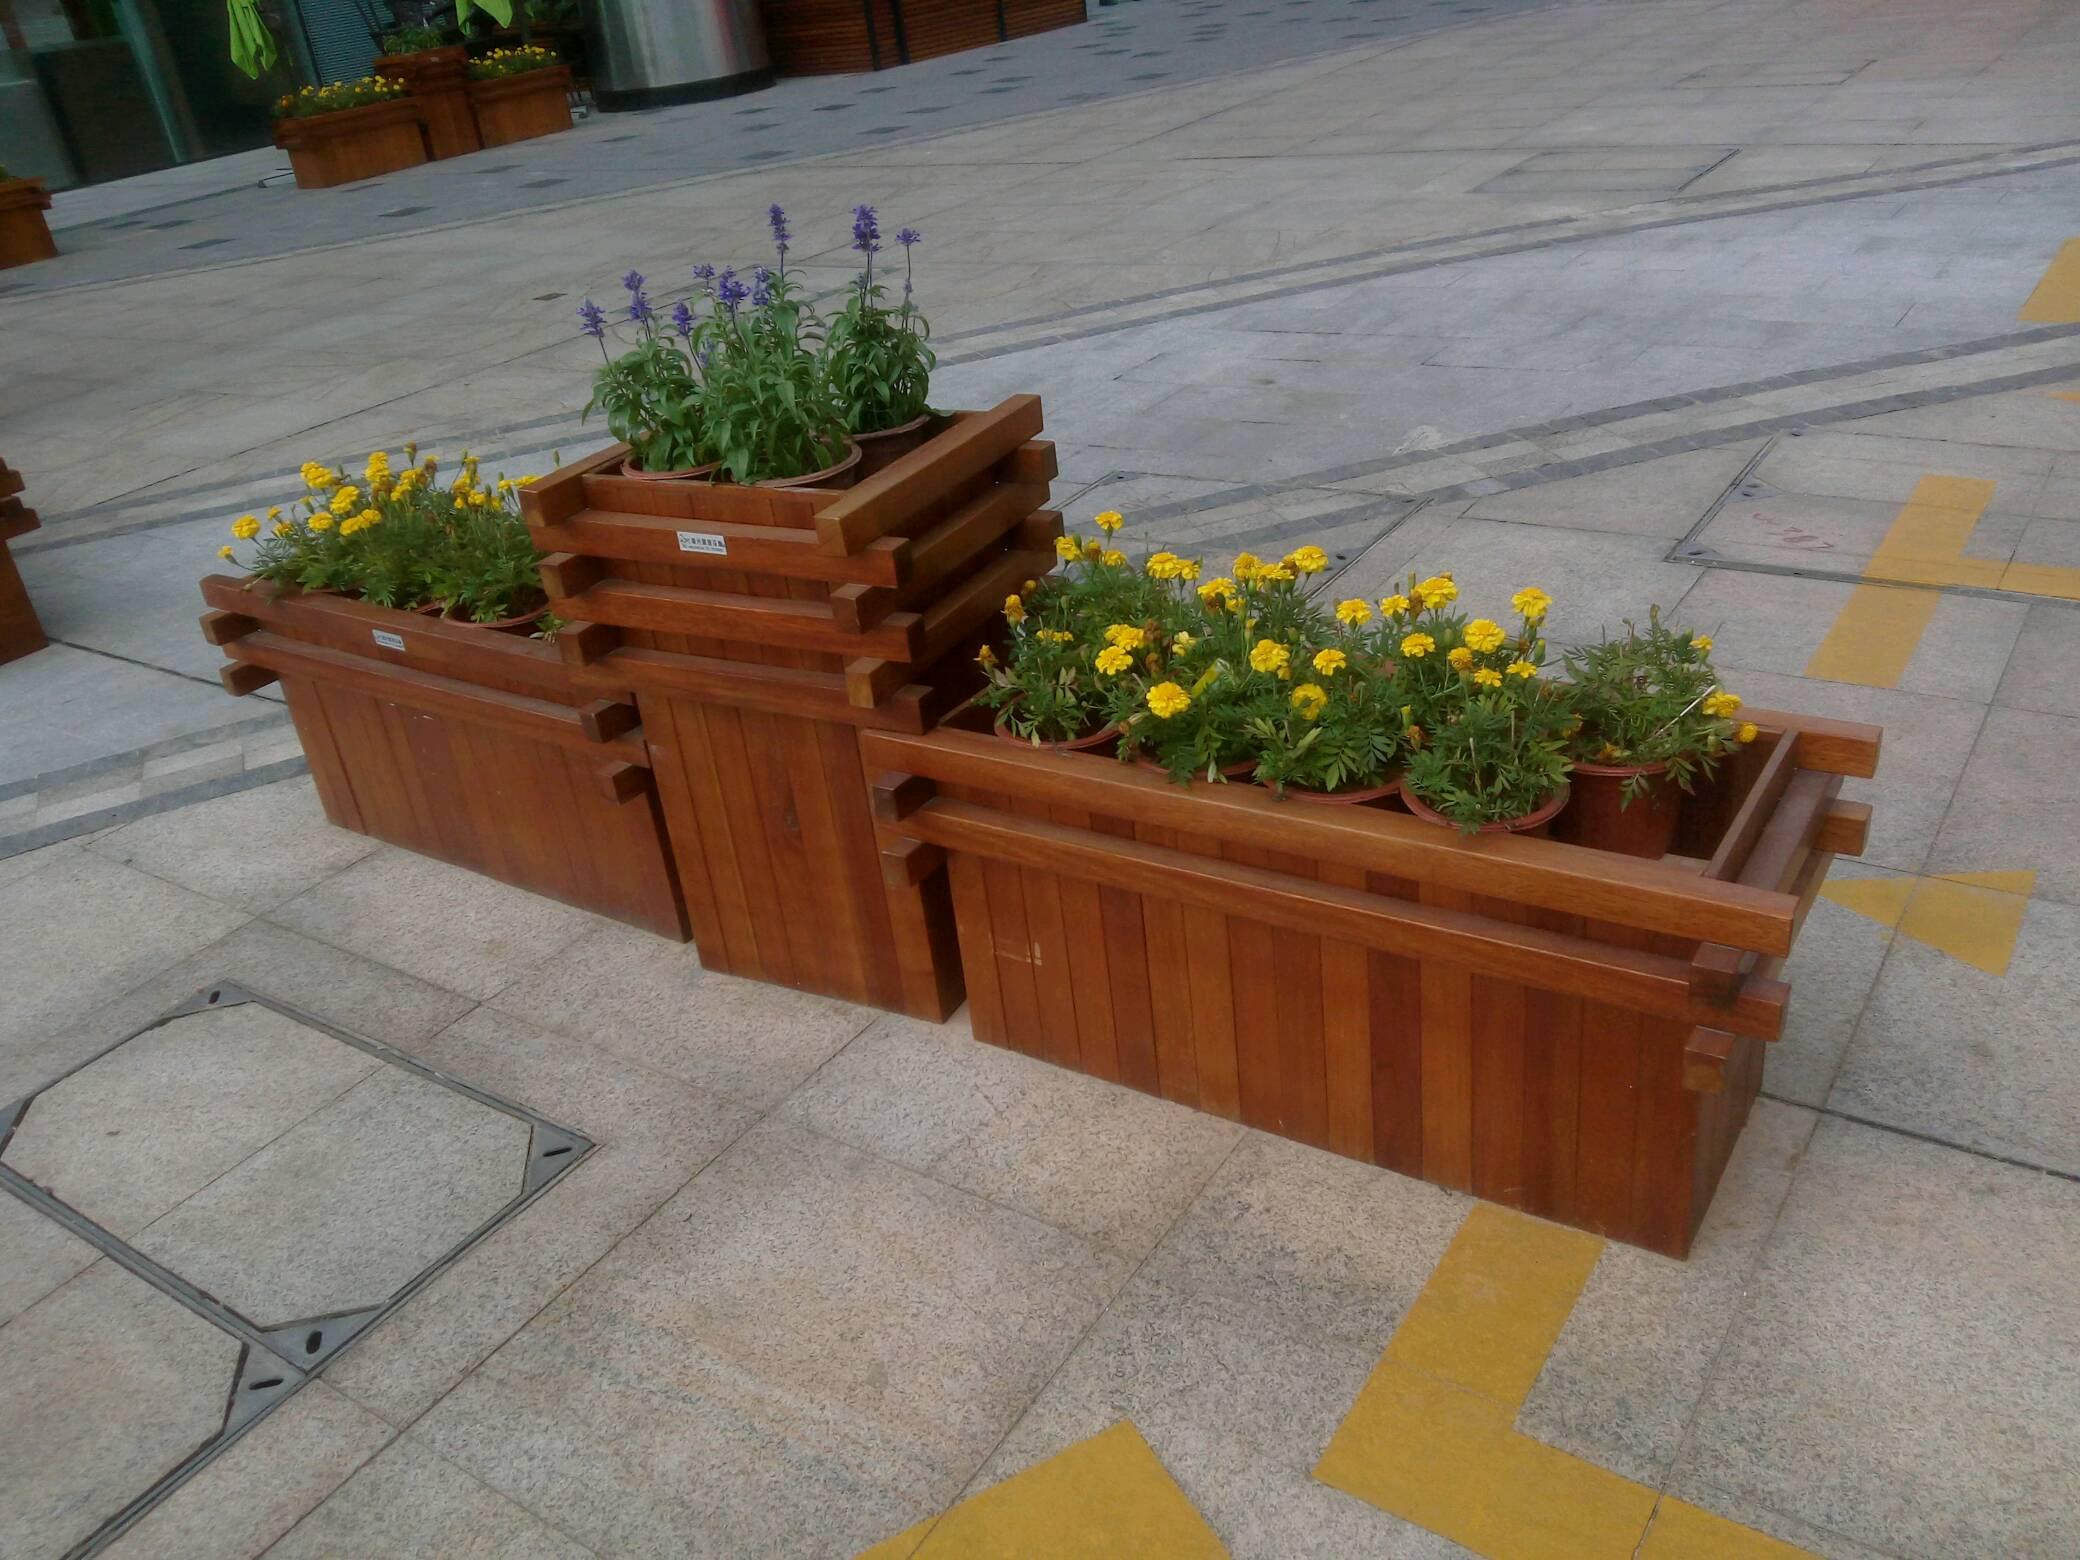 户外防腐木定做:花箱 廊架